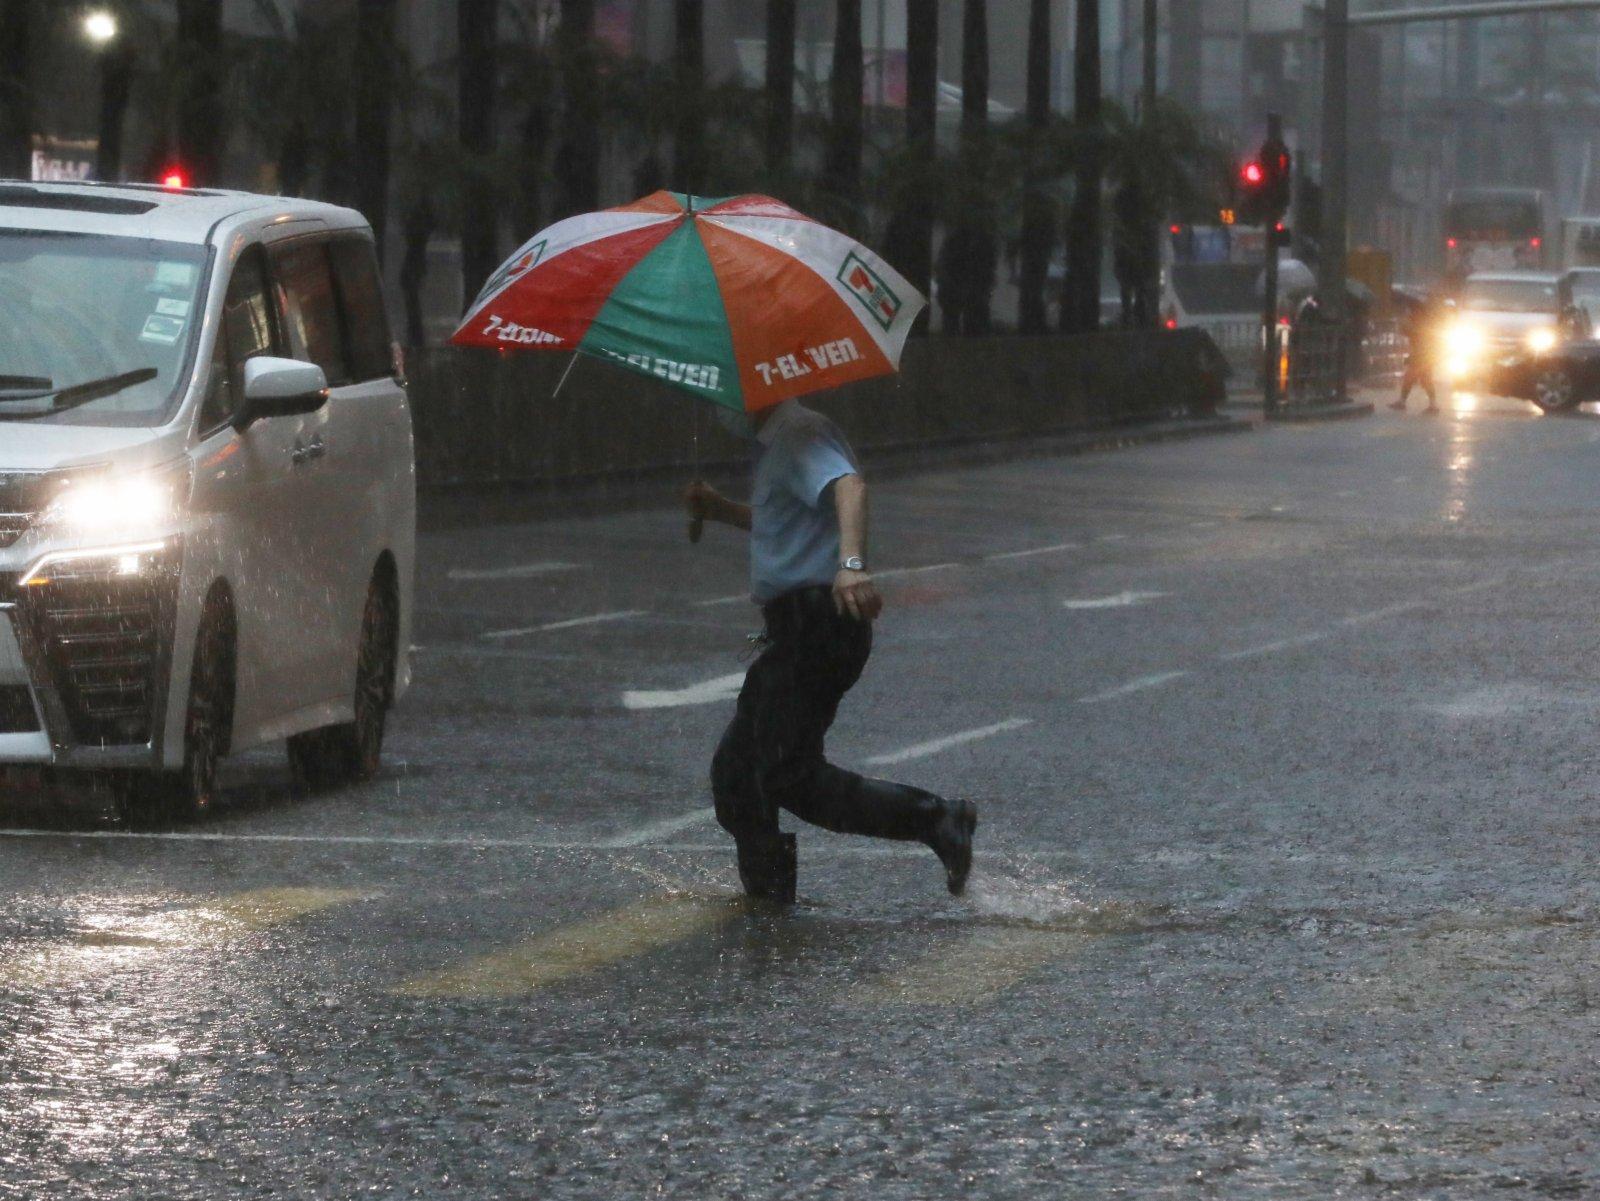 黑雨下灣仔柯布連道水浸,有銀行暫停營業。(香港文匯報記者萬霜靈攝)